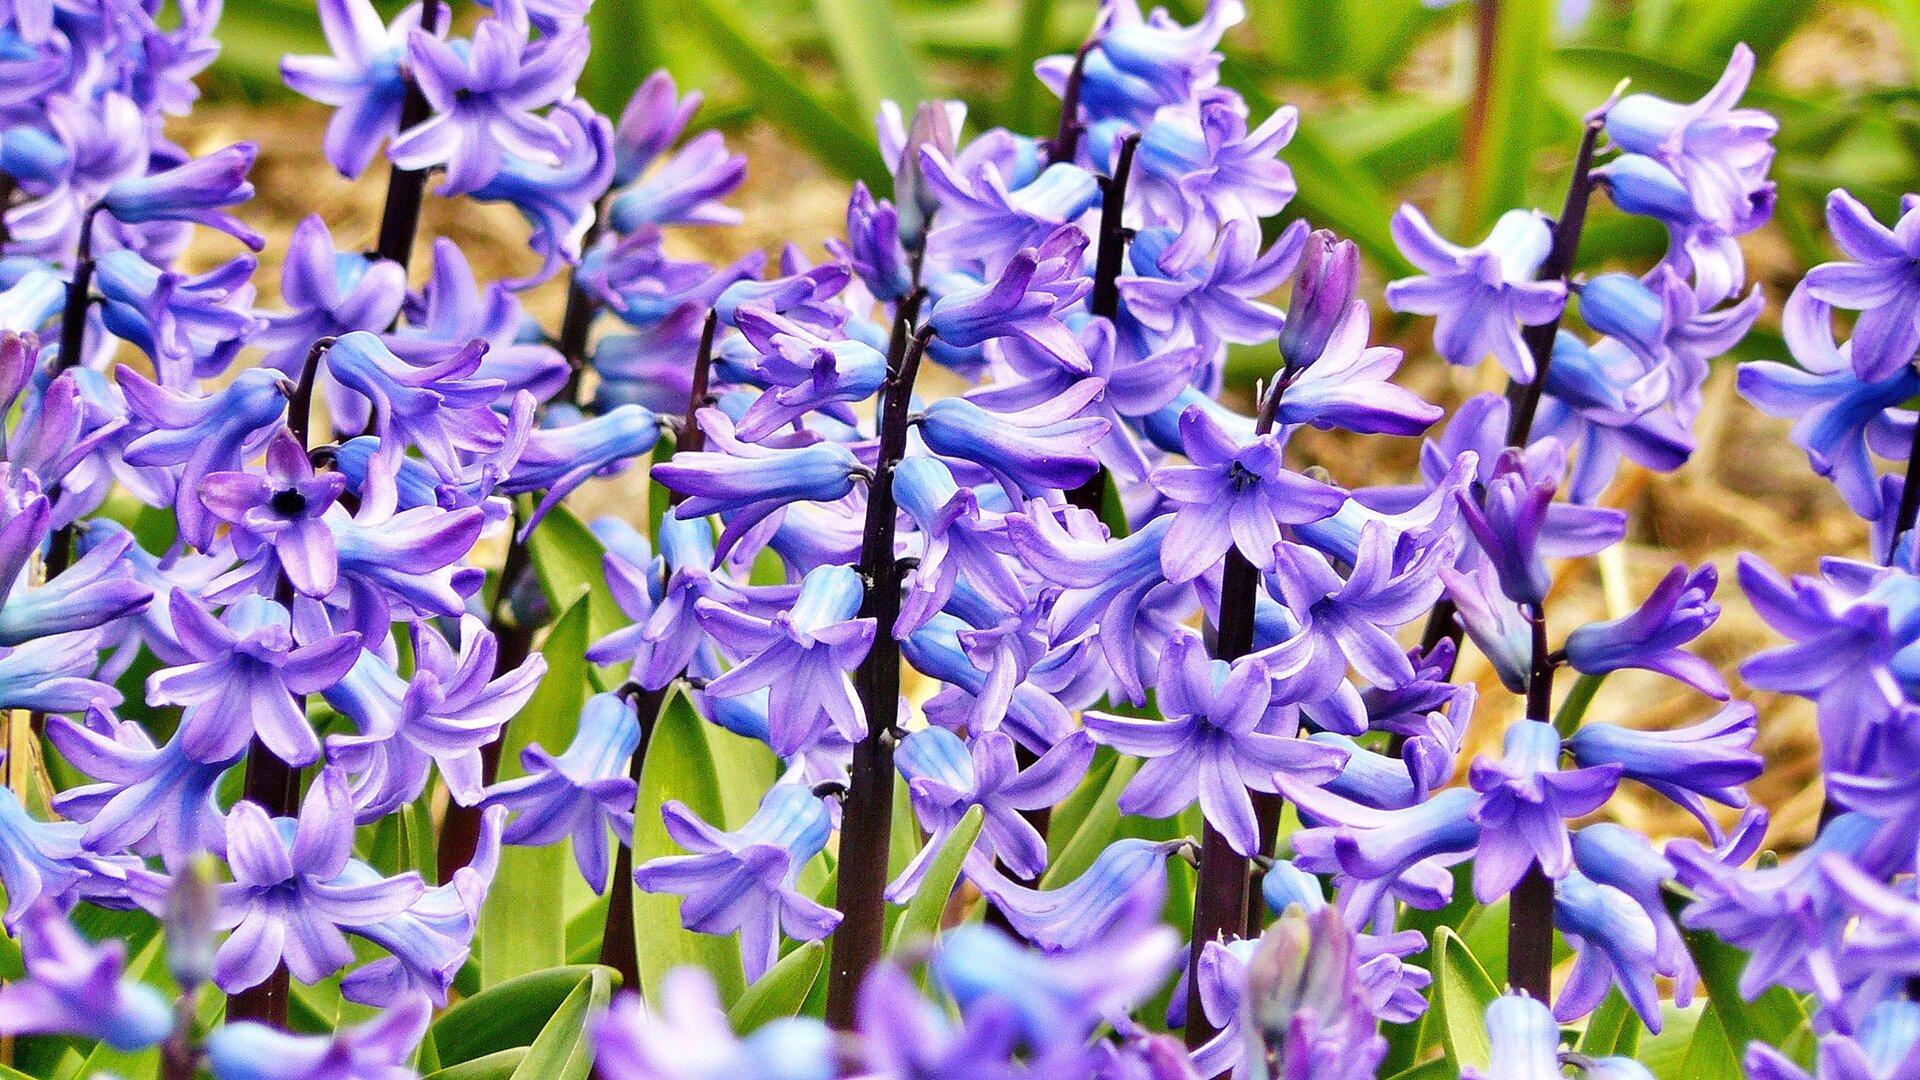 Fotografia prezentuje niebieskie kwiatostany hiacynta.